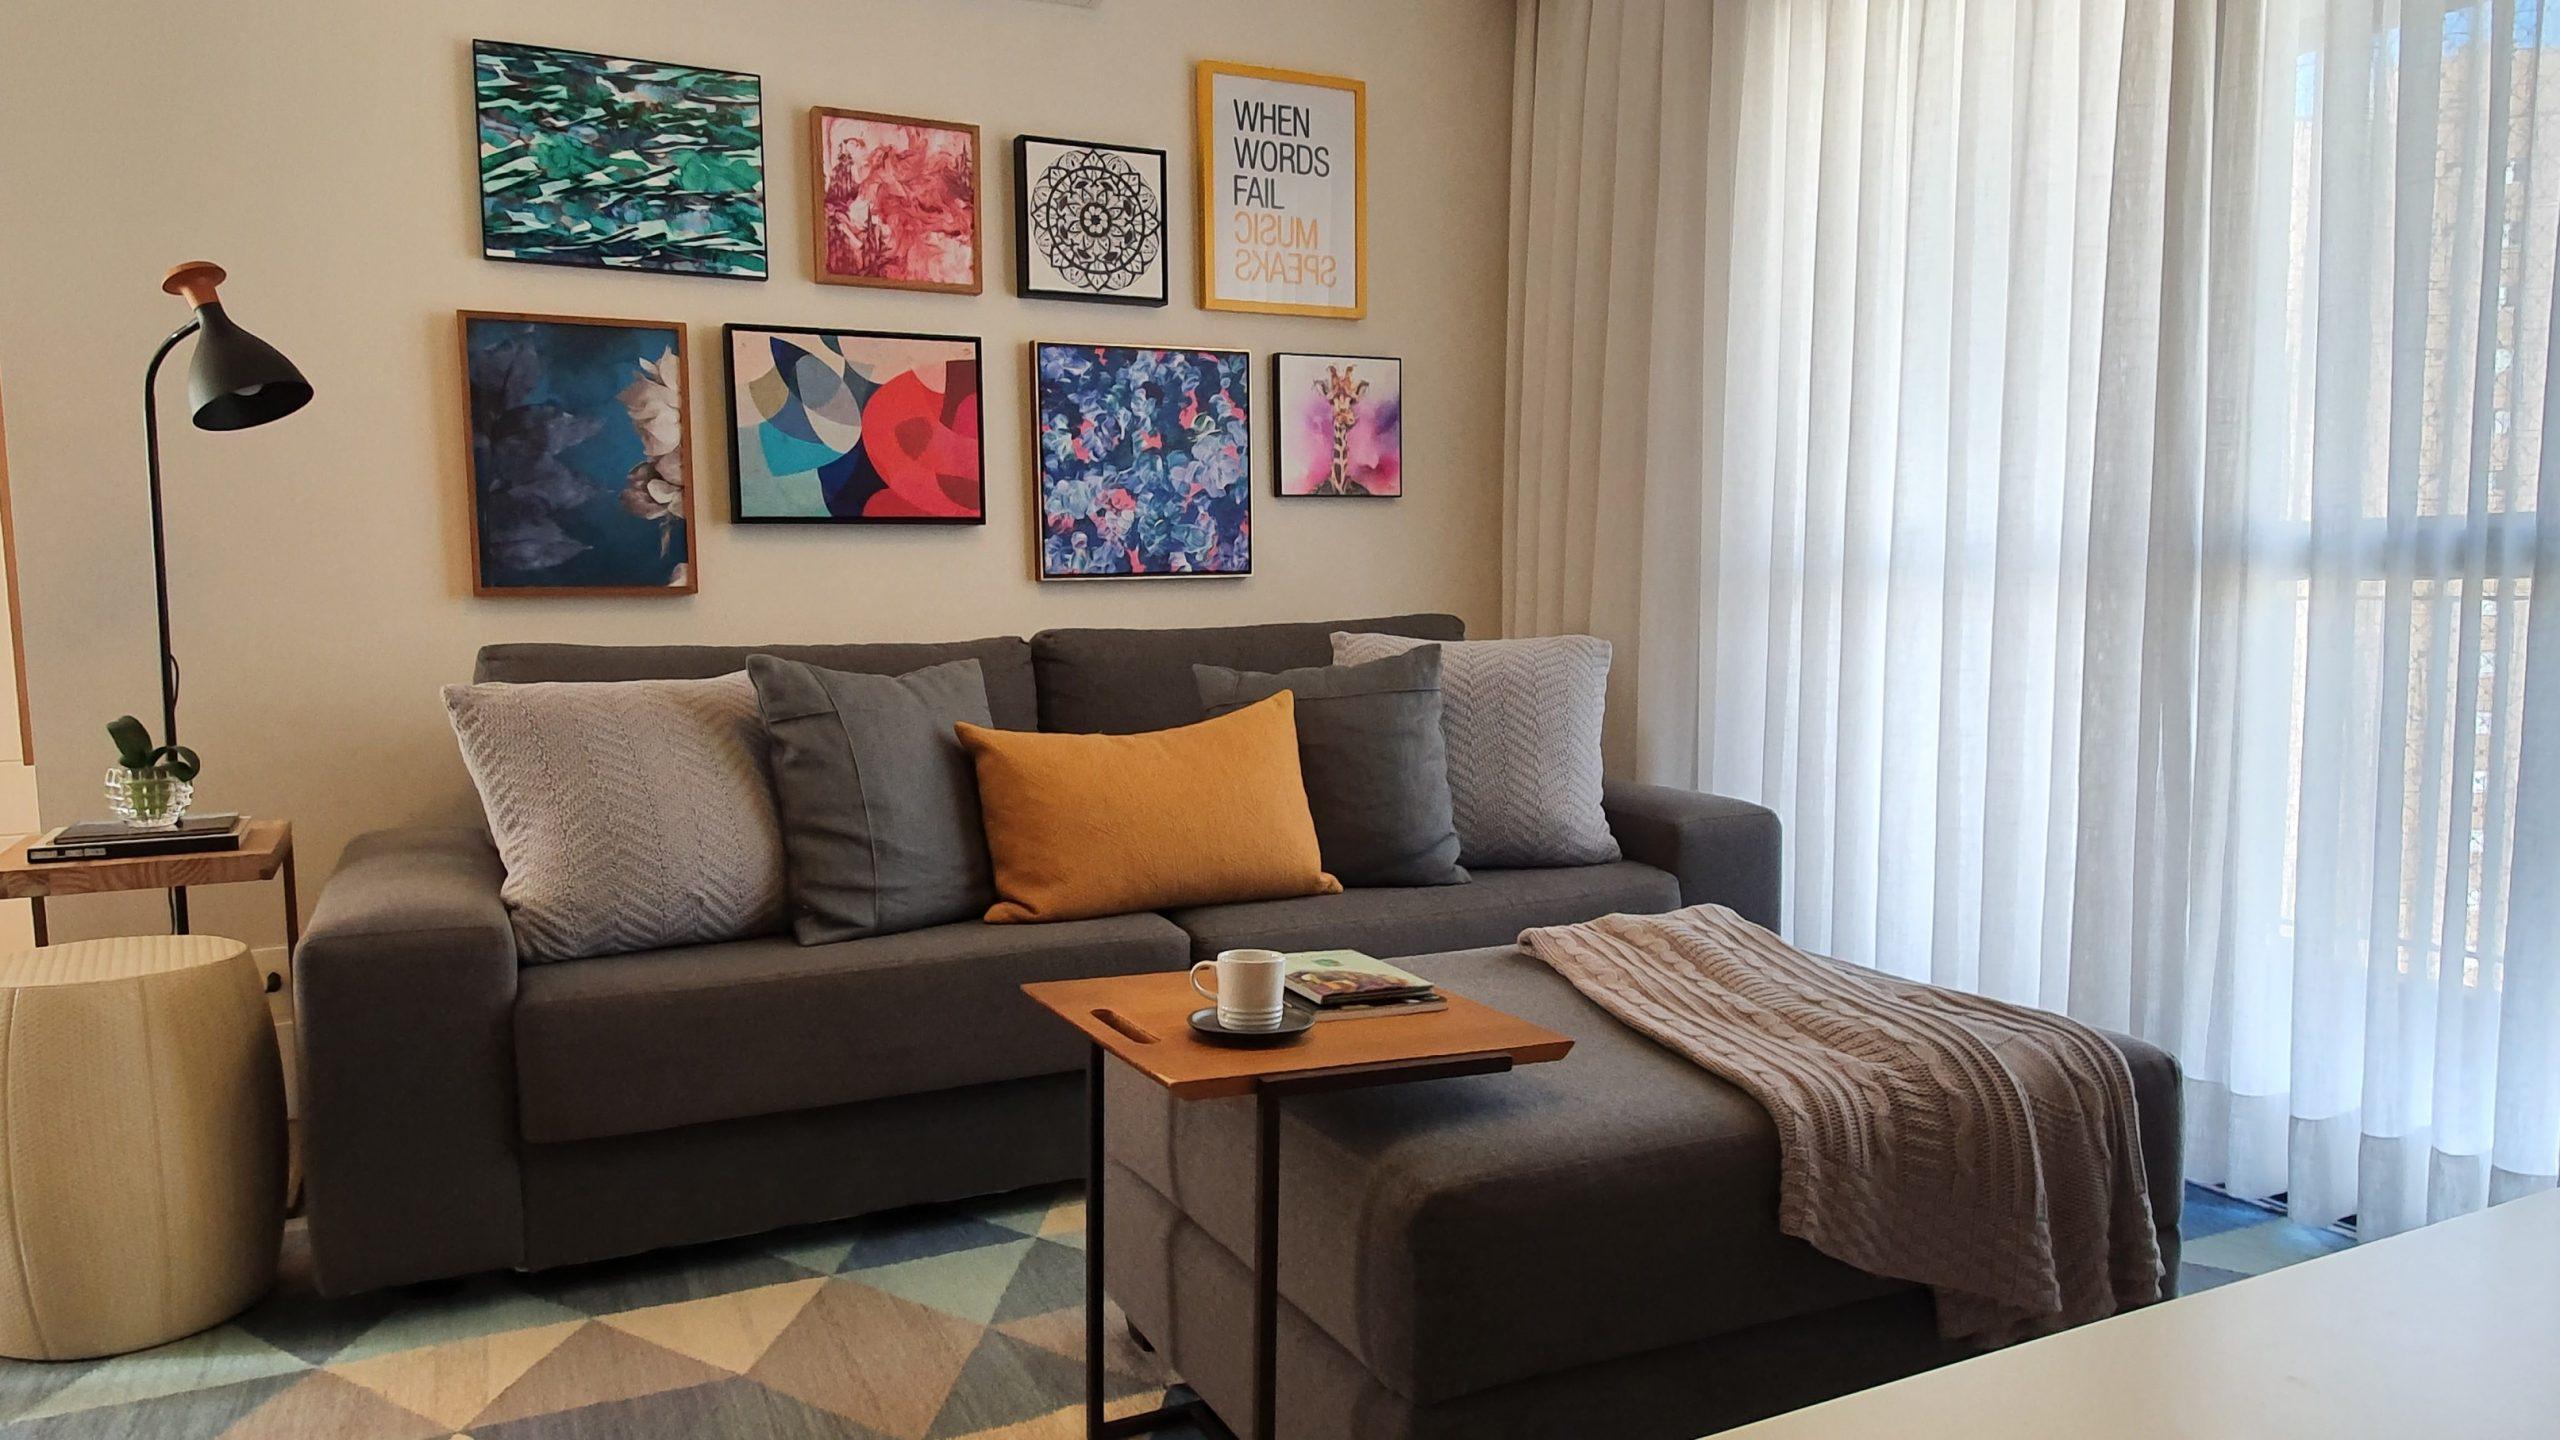 Planejamento dos espaços da casa durante a quarentena